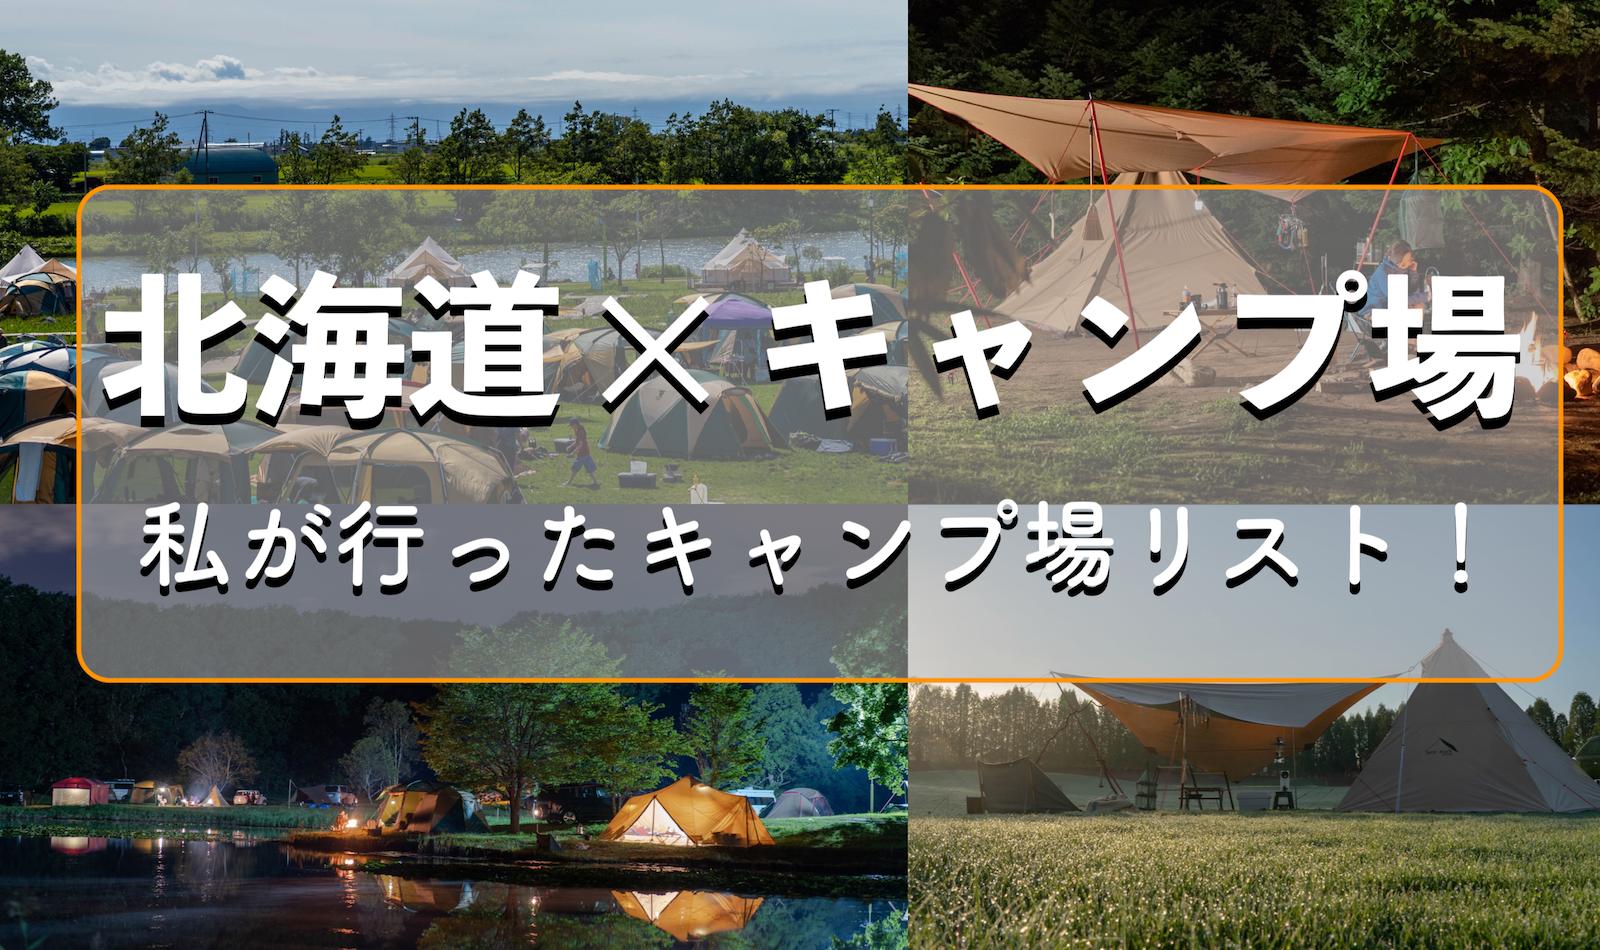 場 キャンプ 白樺 内 岩尾 湖